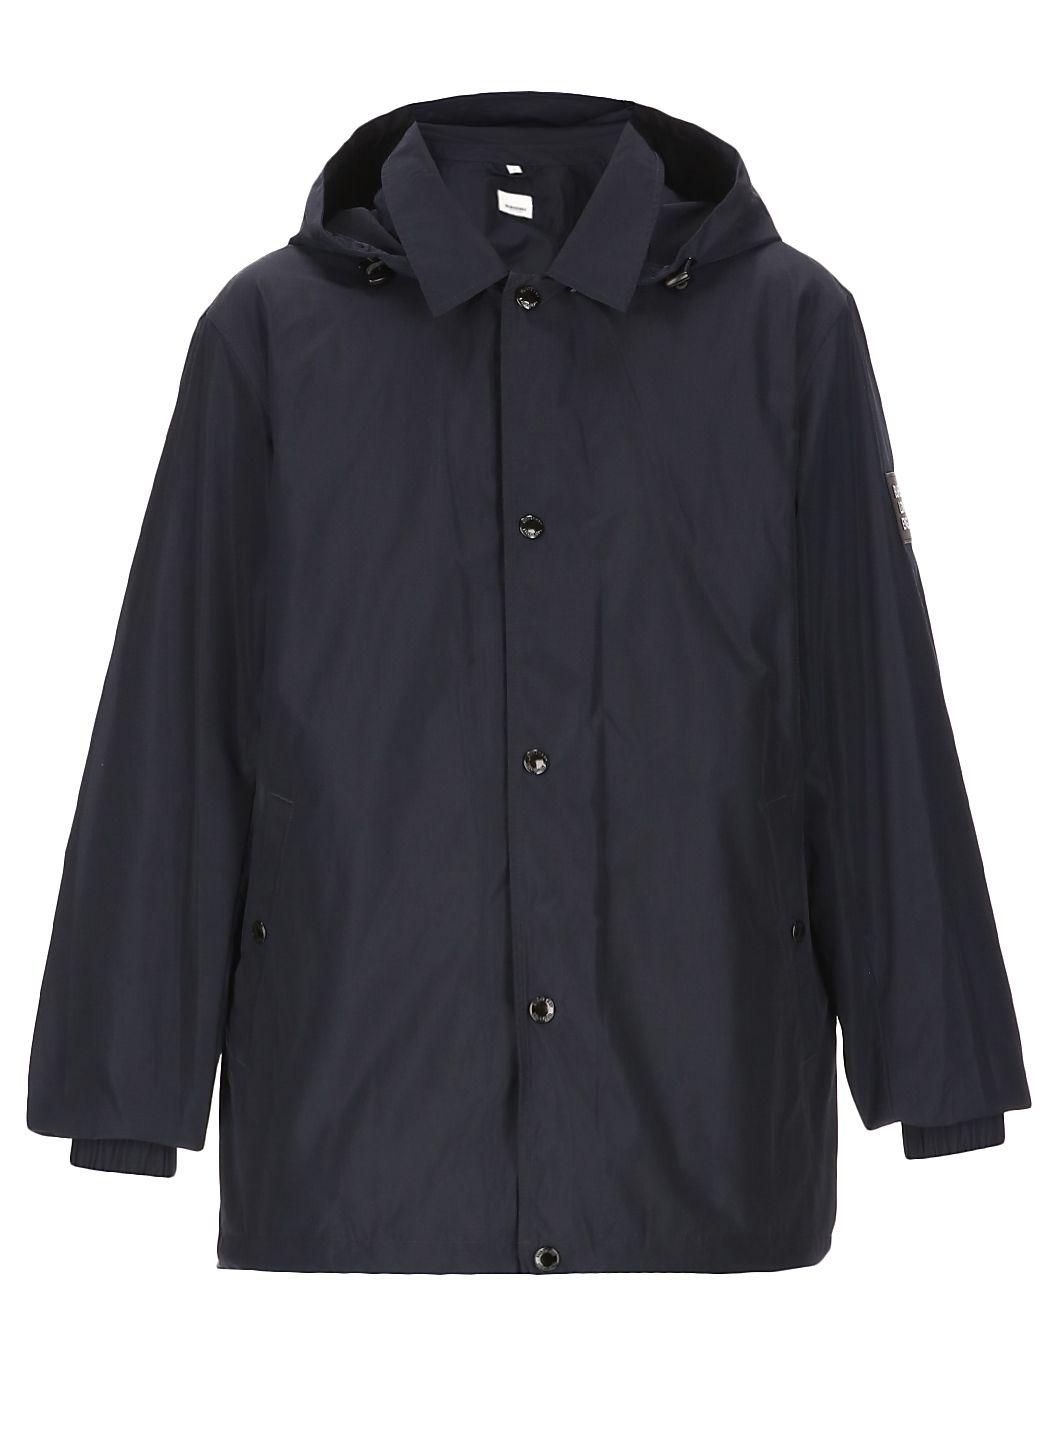 Ealing waterproof jacket